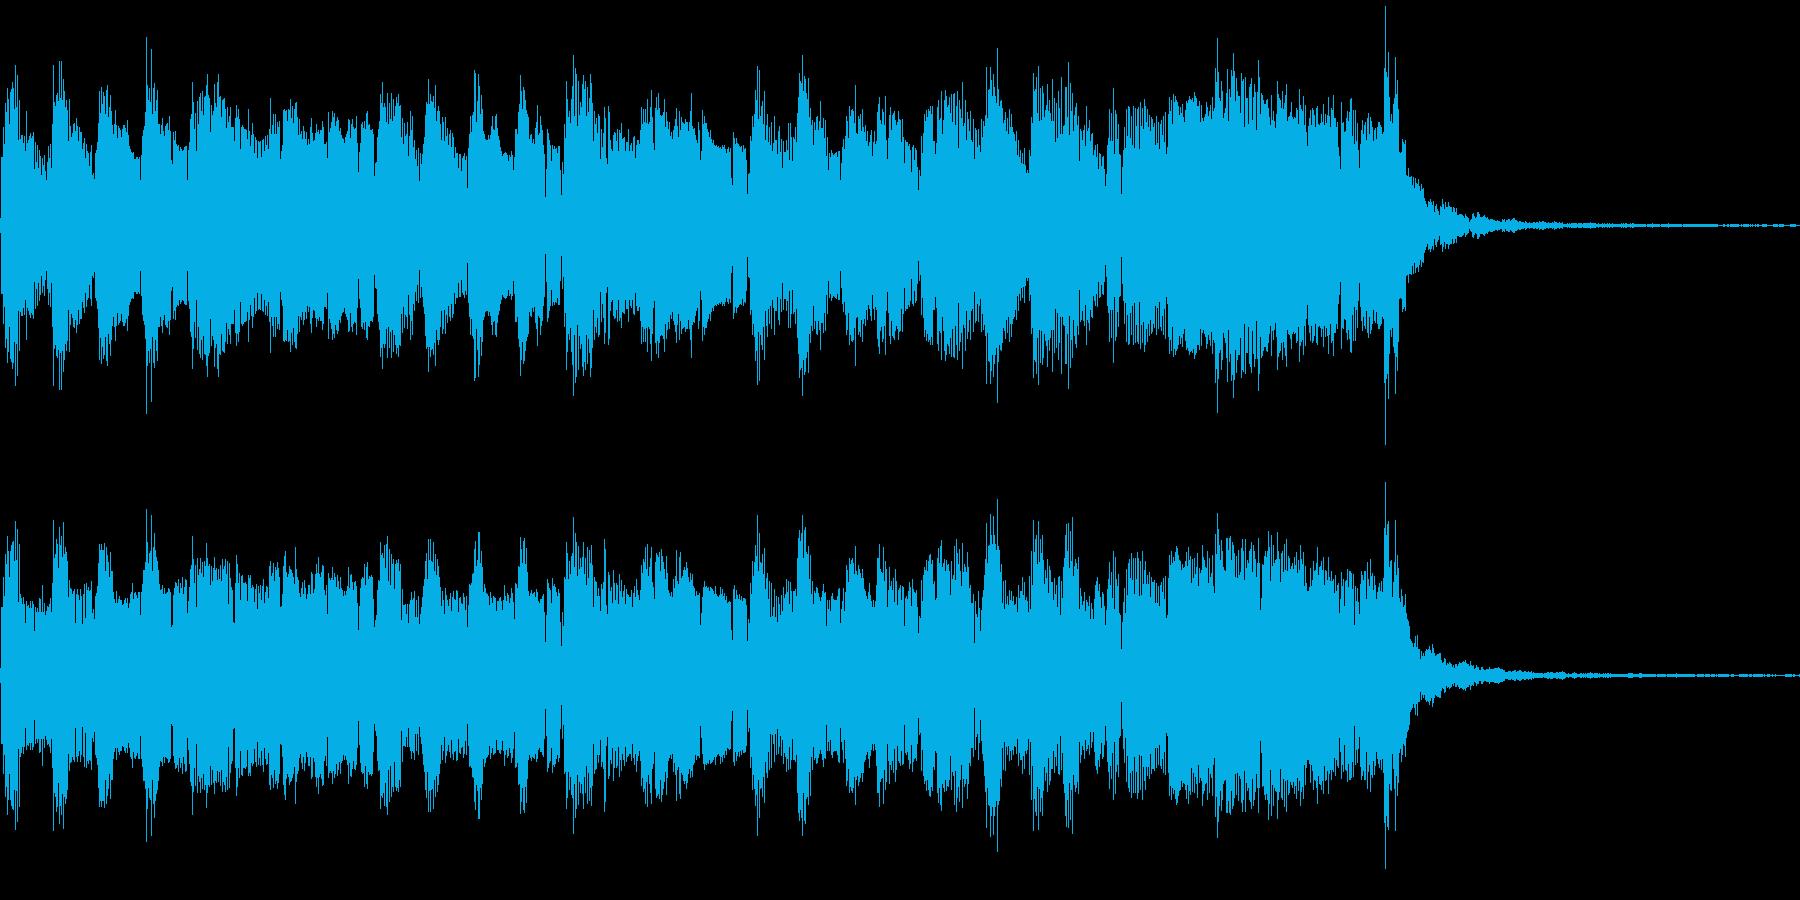 ゆったりとしたジャズ風のBGMの再生済みの波形